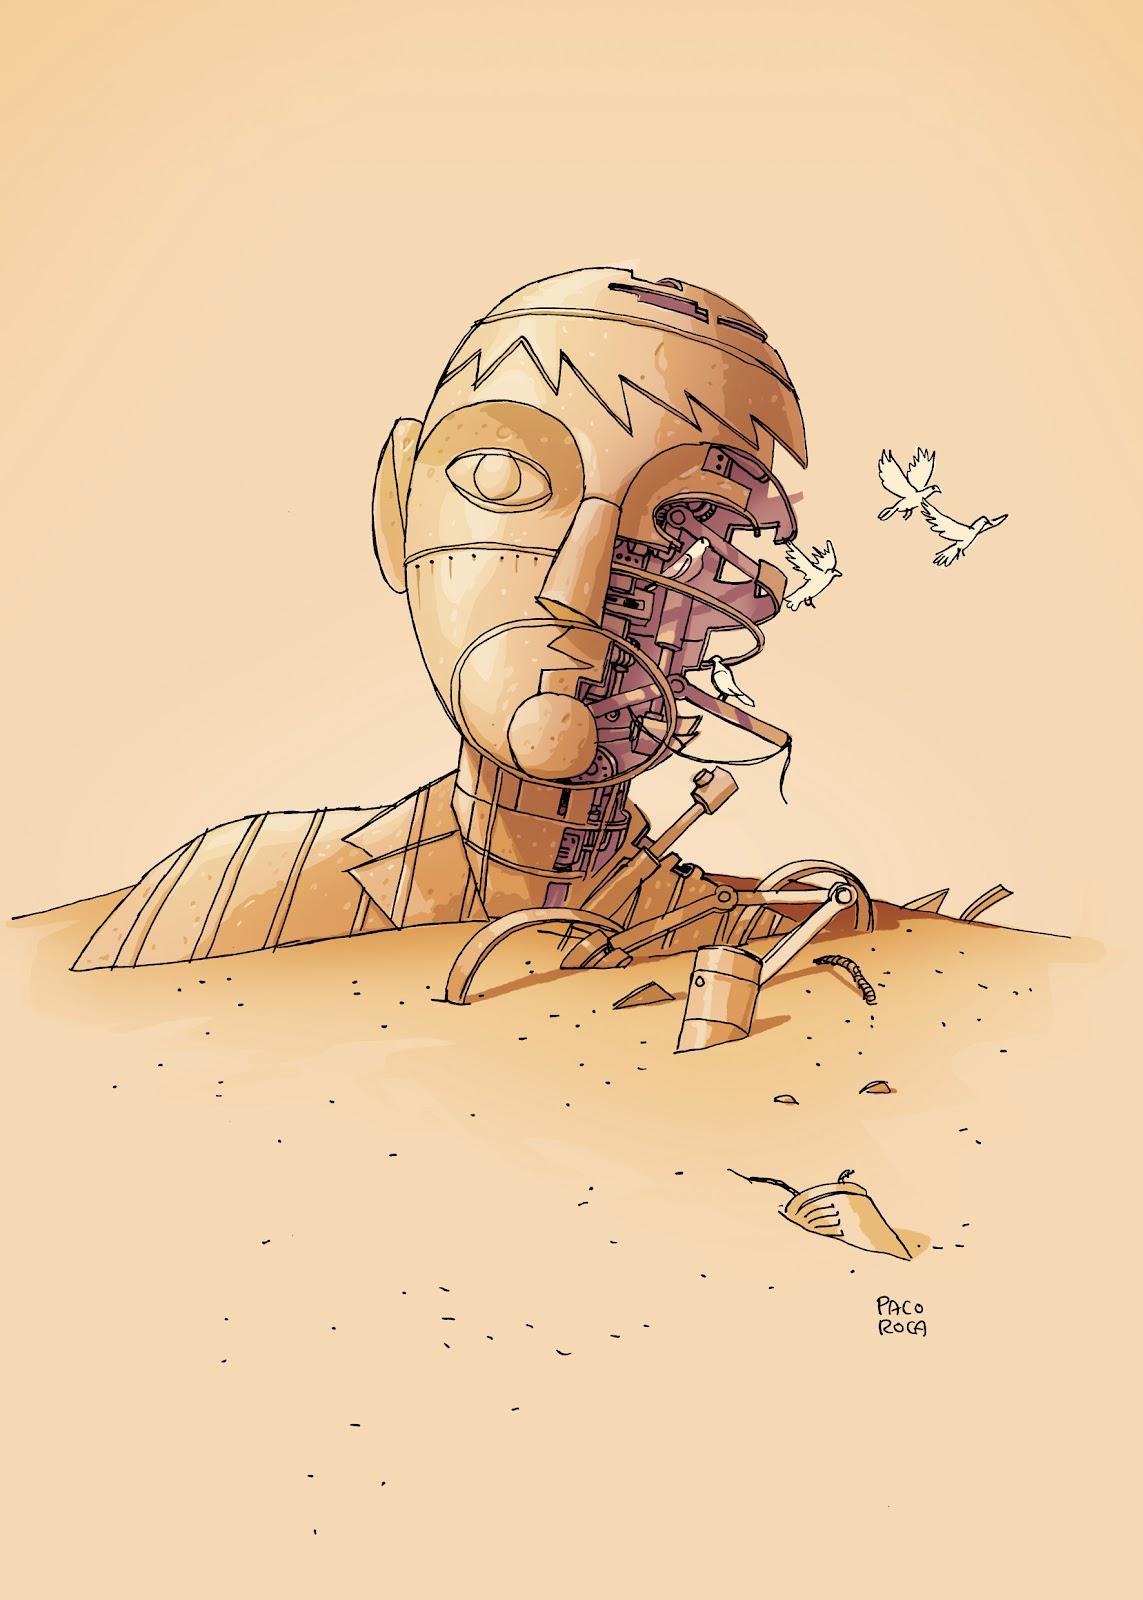 Dibujo del personaje de Paco Roca, autor de 'Arrugas', en su cómic 'Memorias de un hombre en pijama'. Revista Making Of